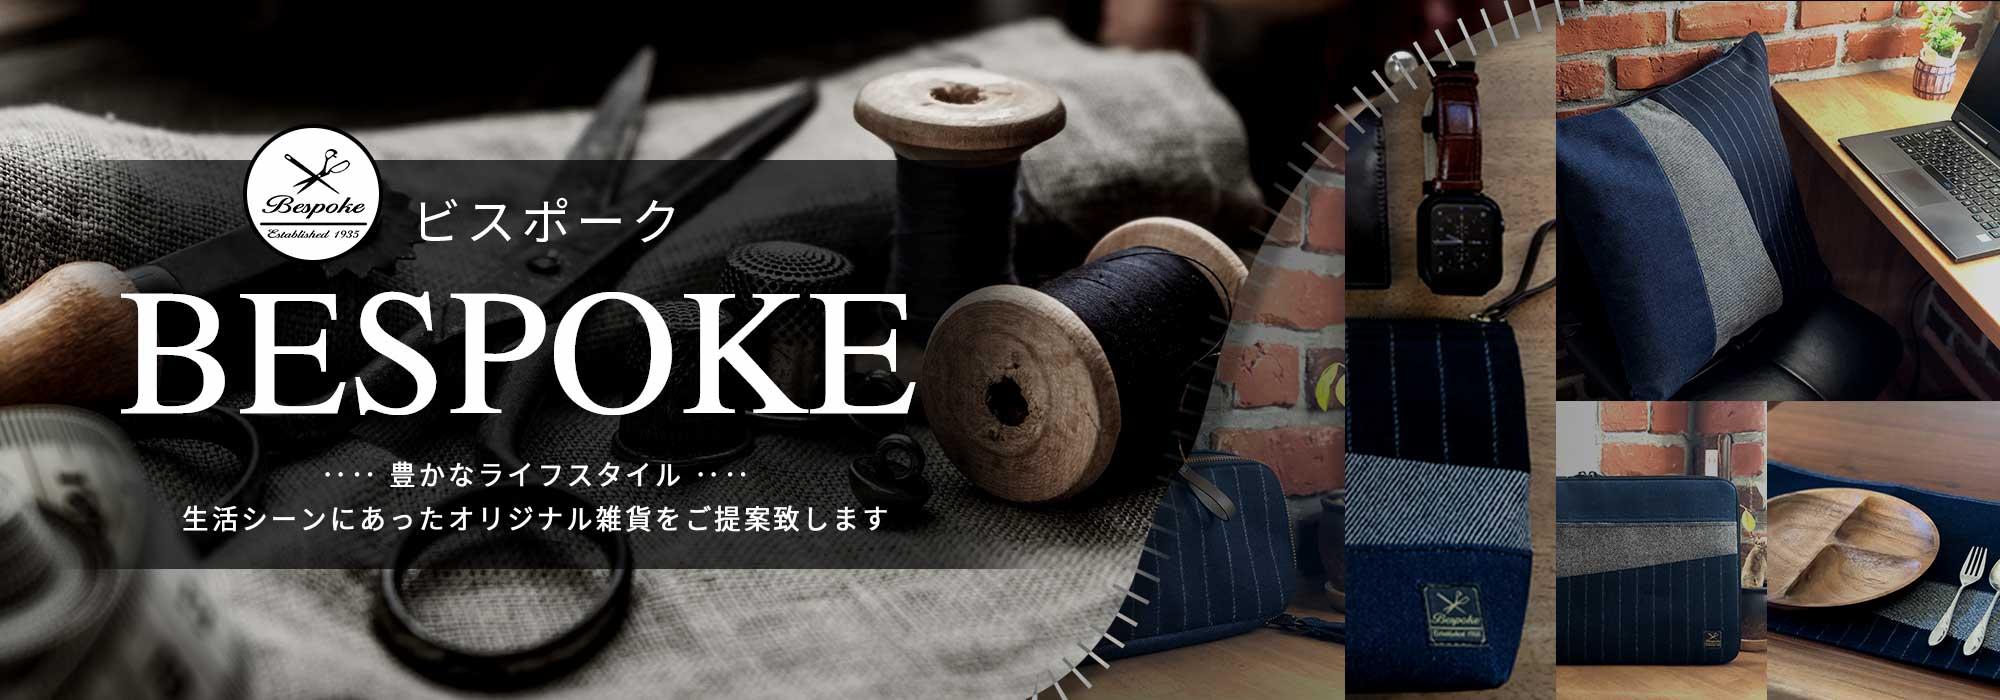 日本にはない海外の「可愛い」を集めています!ジャパンストルツ